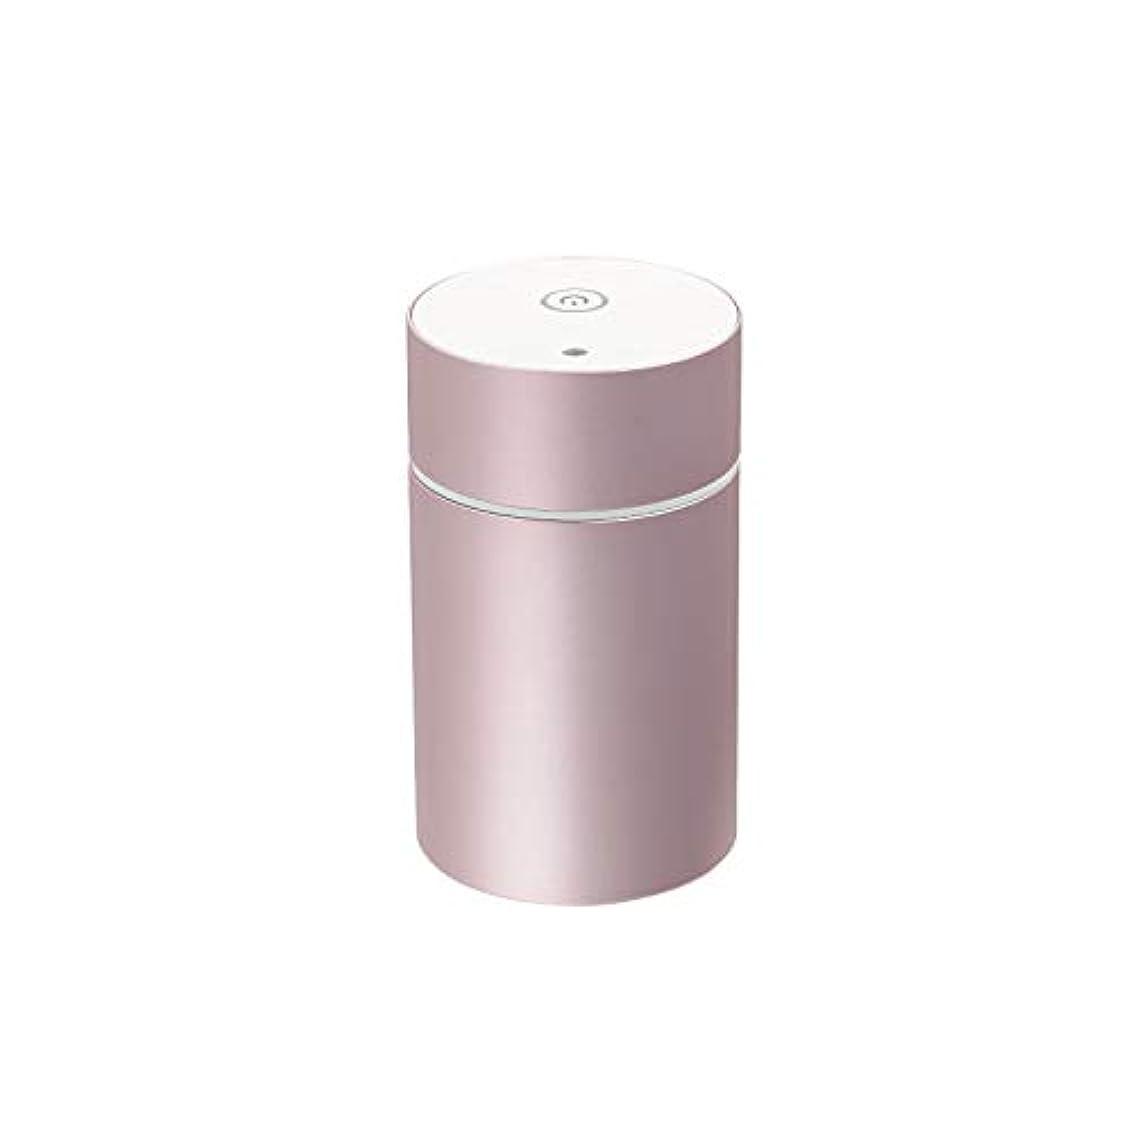 メルボルン加速度野心的生活の木 アロマディフューザー(ピンク)aromore mini(アロモアミニ) 08-801-7020